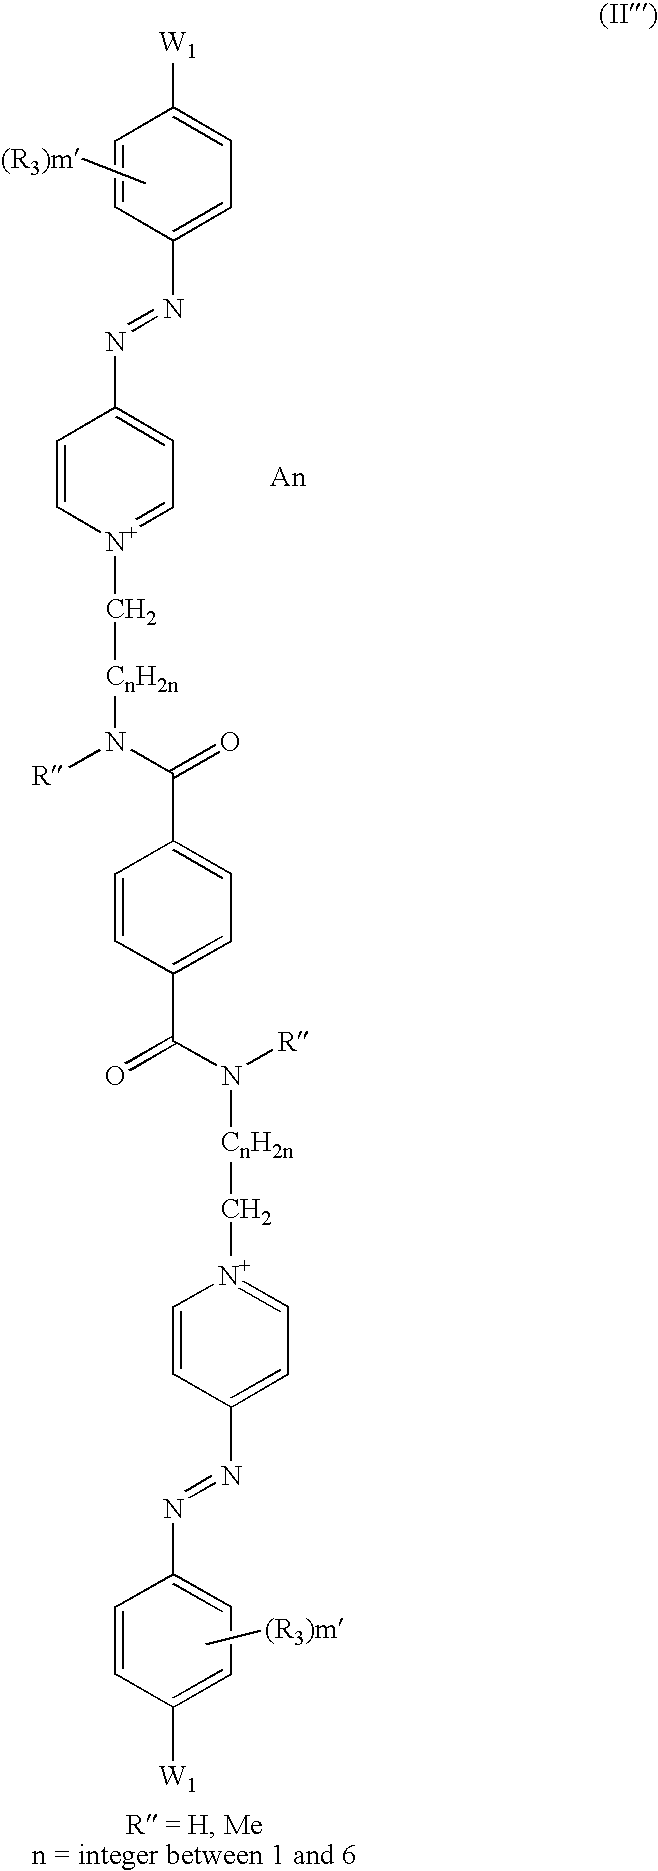 Figure US07288639-20071030-C00010